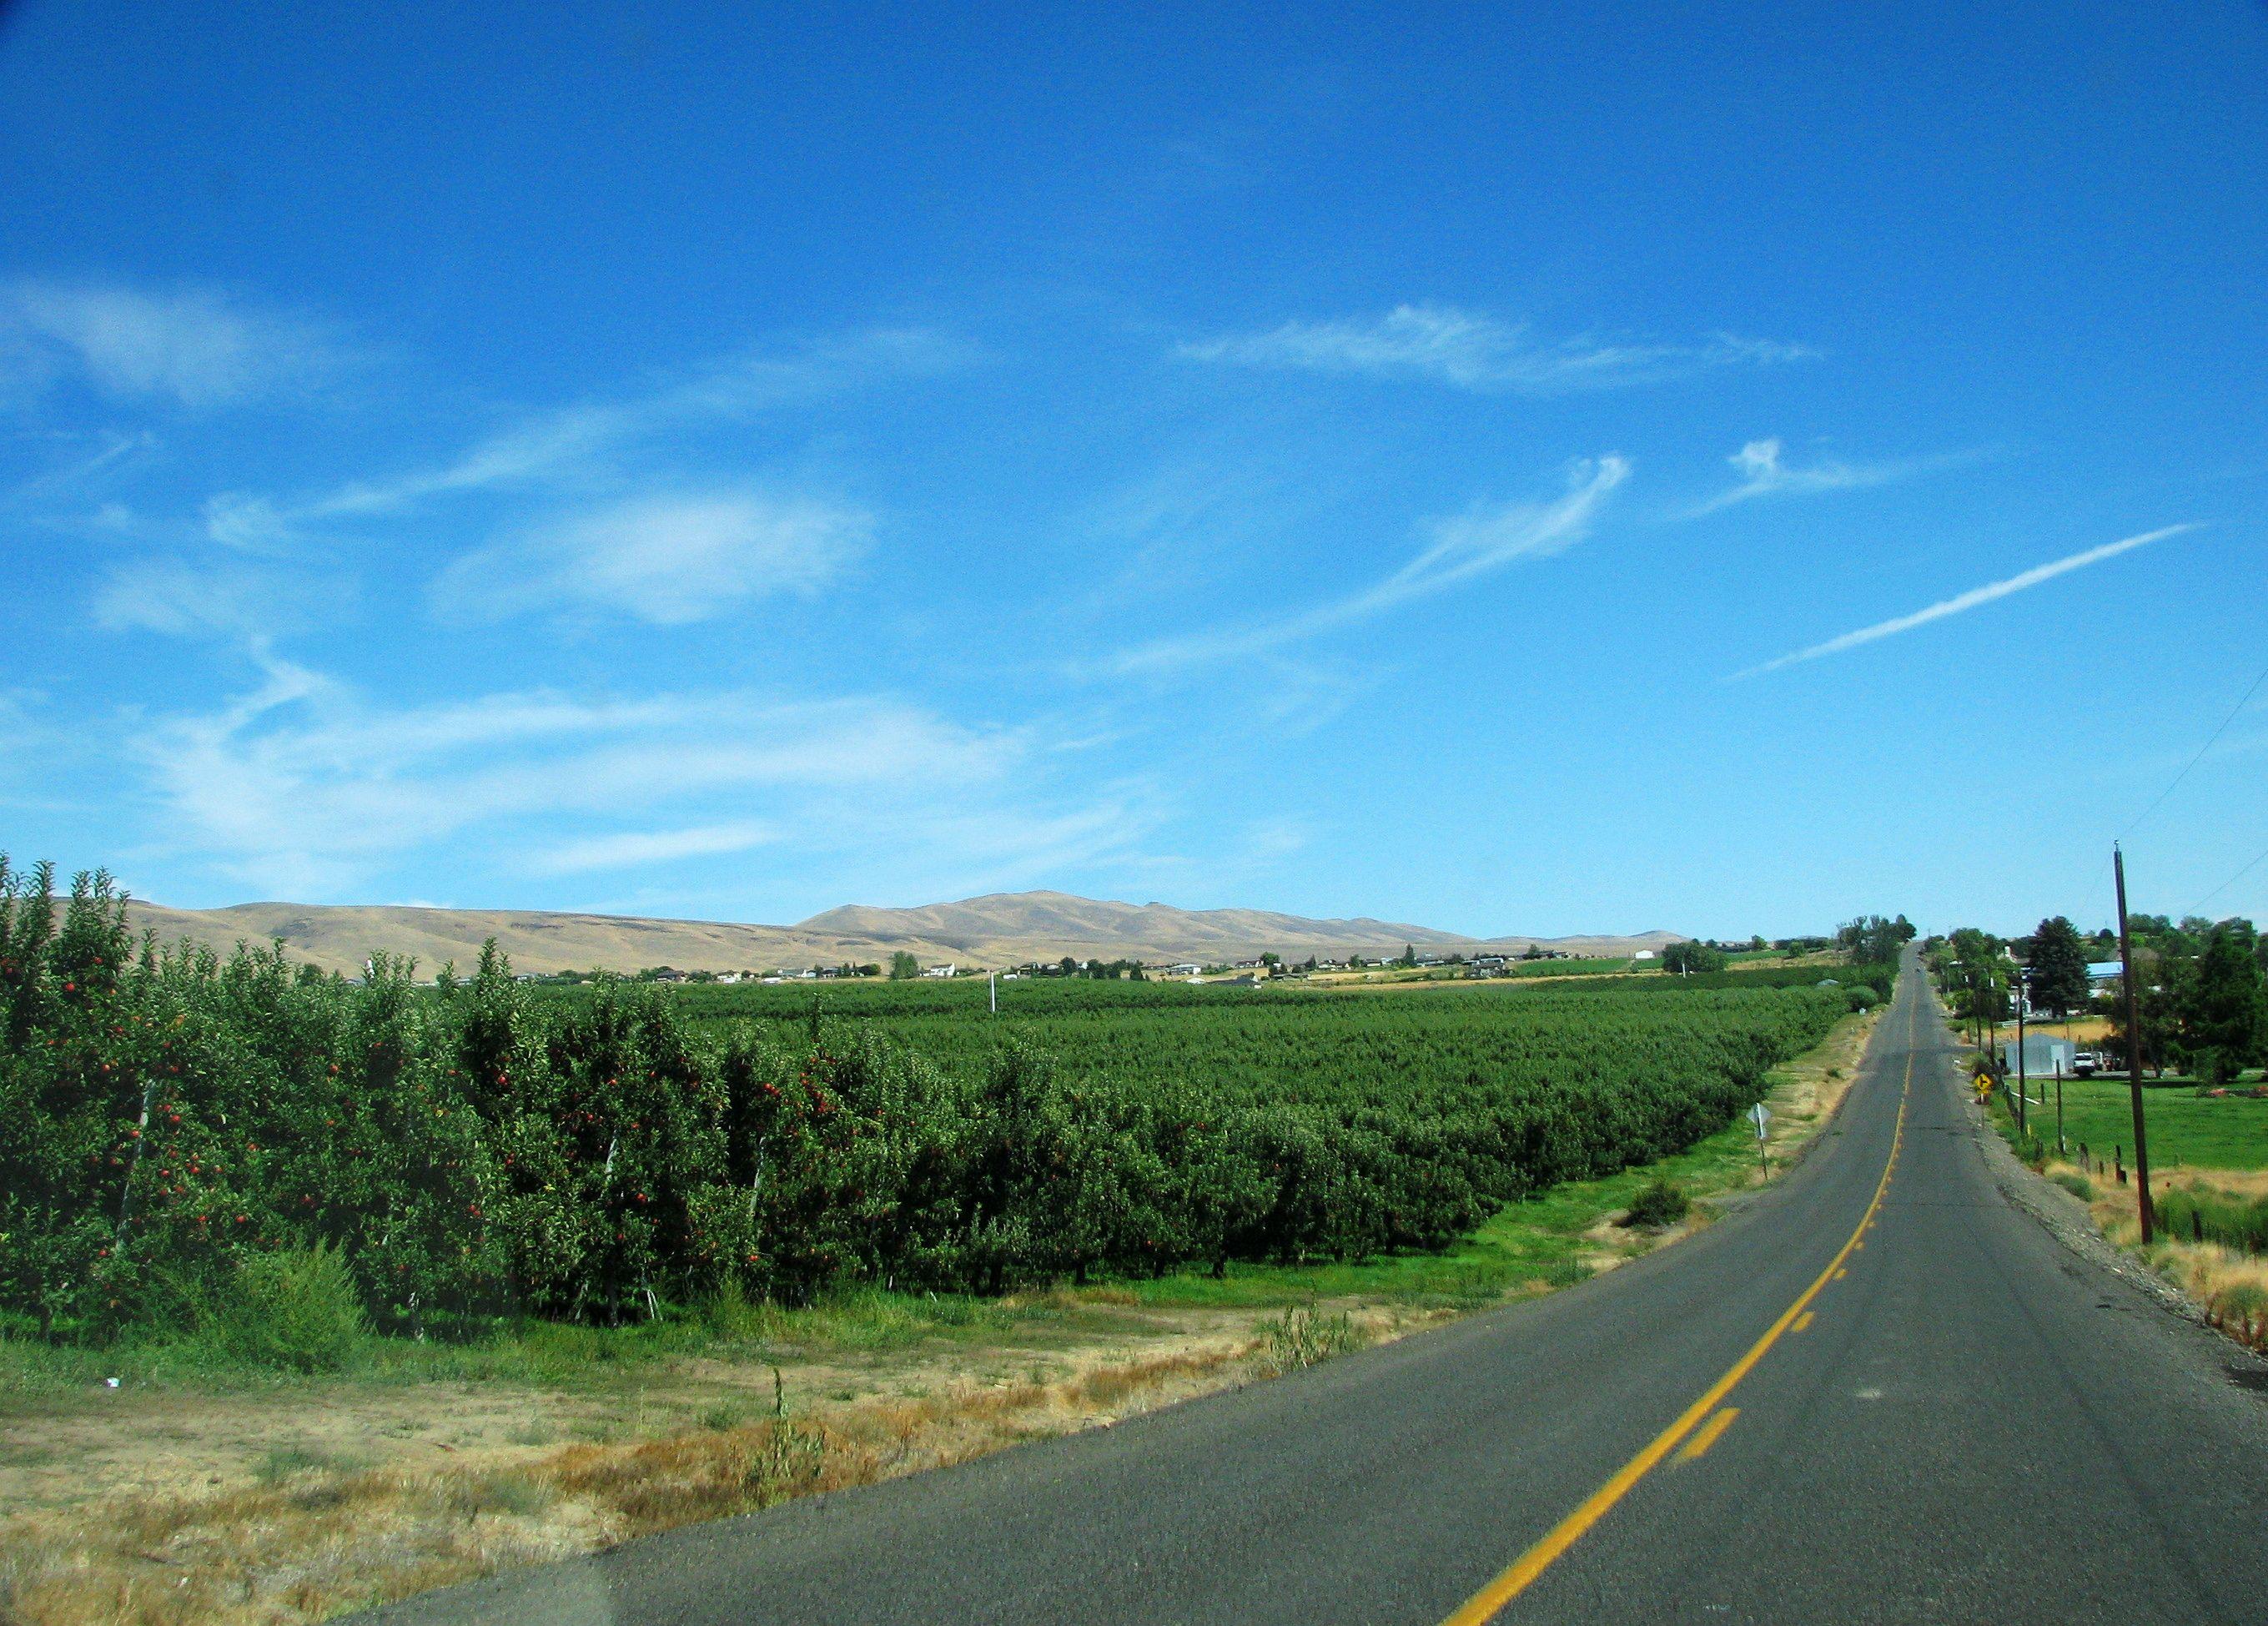 Apple orchard in Yakima Valley of Washington. ~~ 8/26/2009